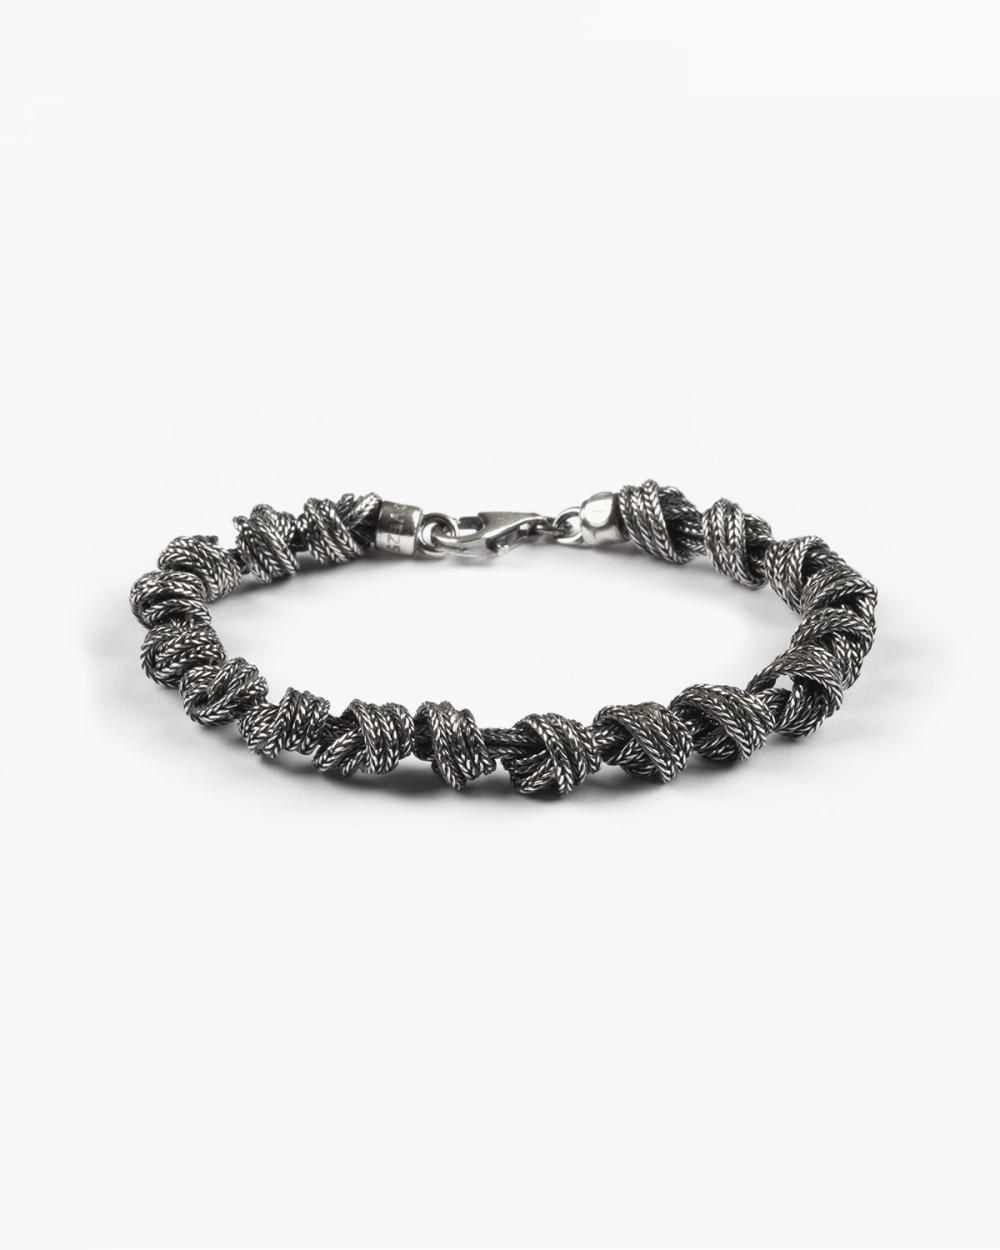 Bracelets FOXTAIL BIG KNOTS BRACELET NOVE25